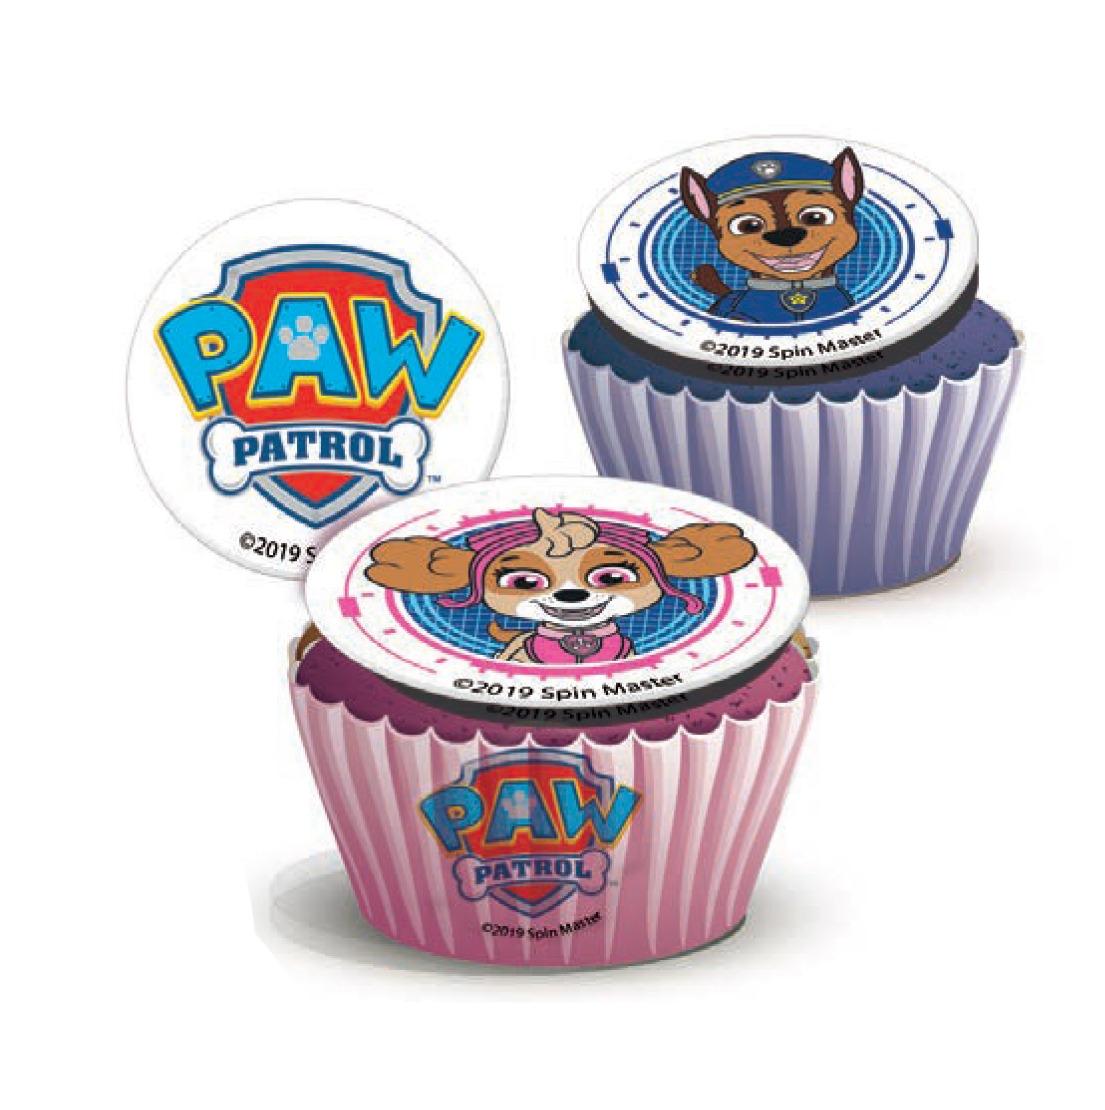 Paw Patrol Cupcakes Pack of 6